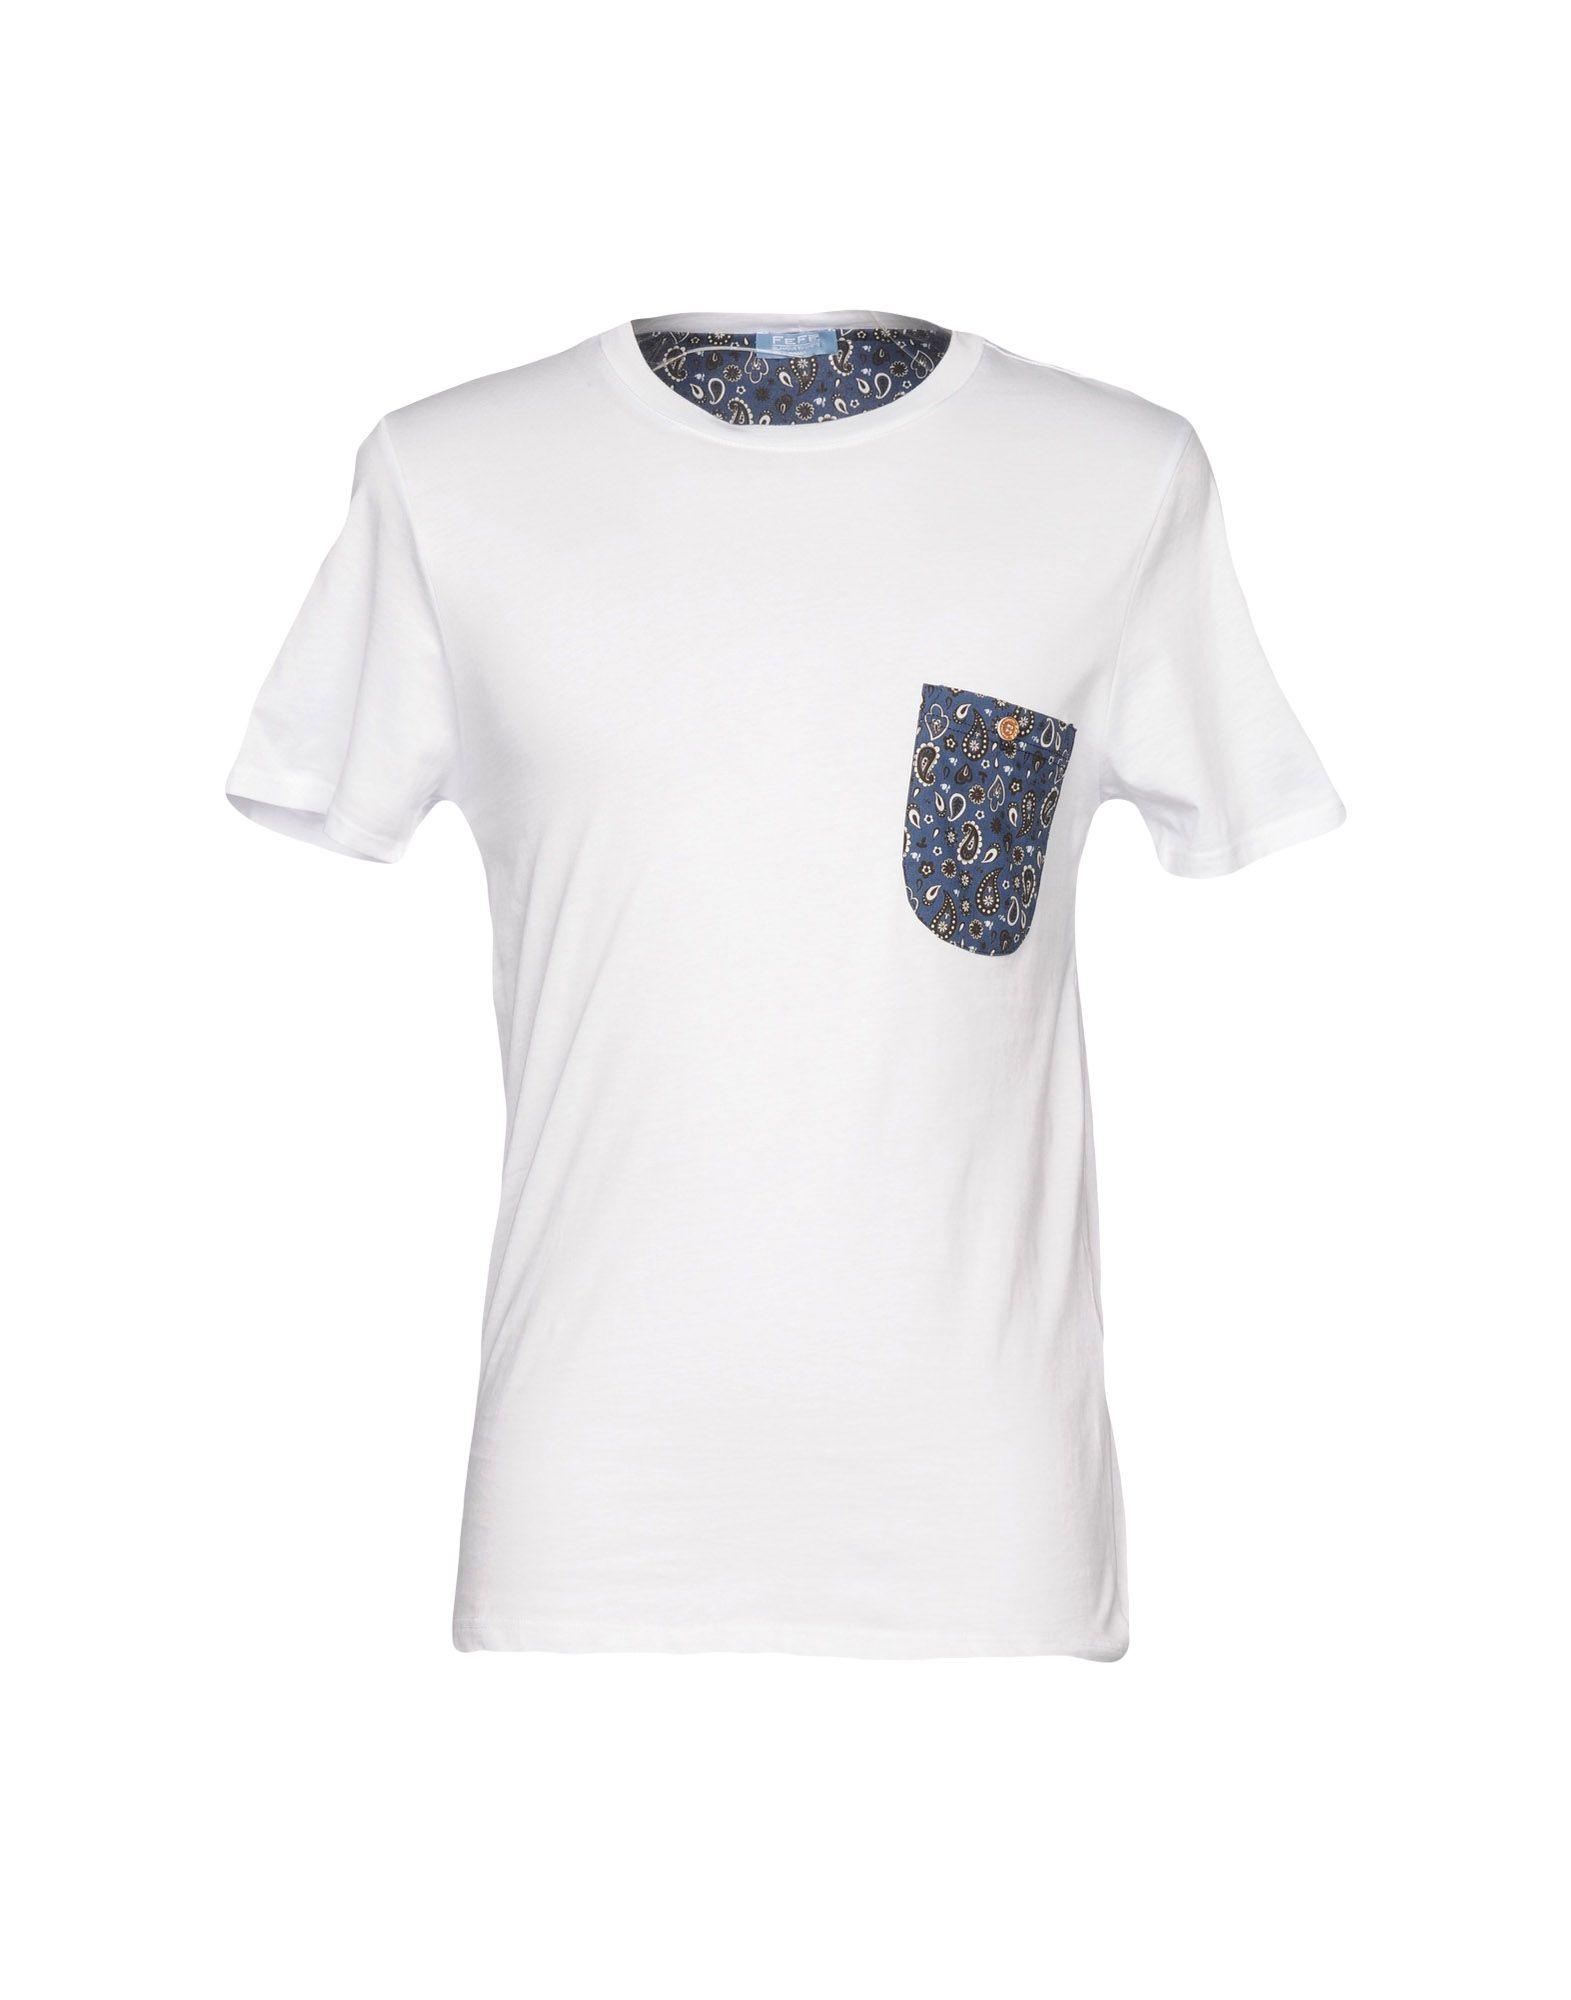 《送料無料》FEF? GLAMOUR POCHETTE メンズ T シャツ ホワイト M コットン 100%